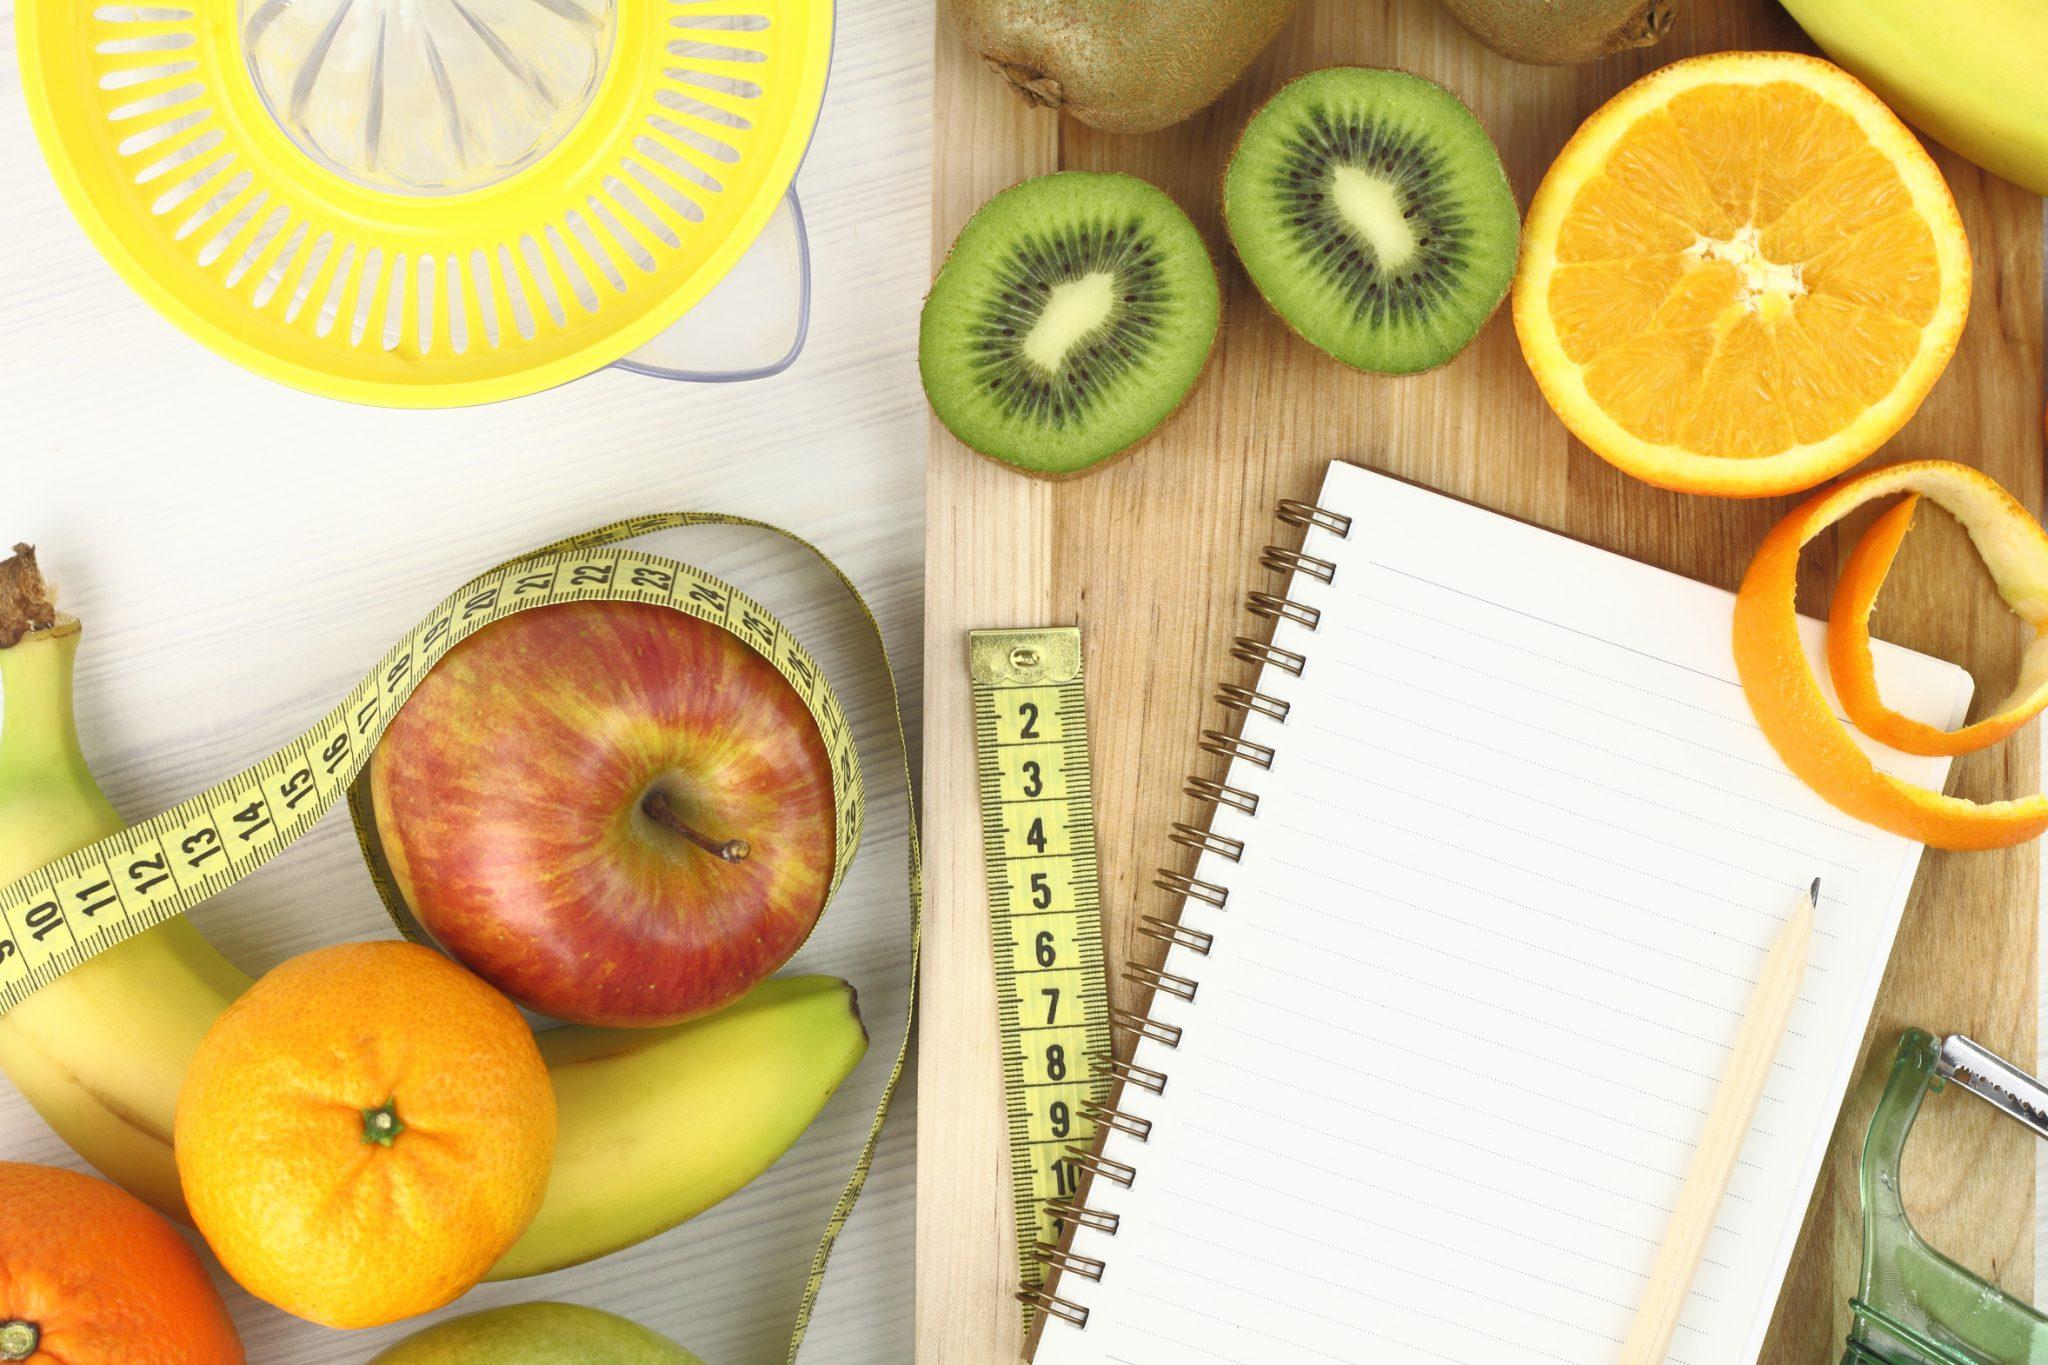 Sağlıklı beslenme takıntısı